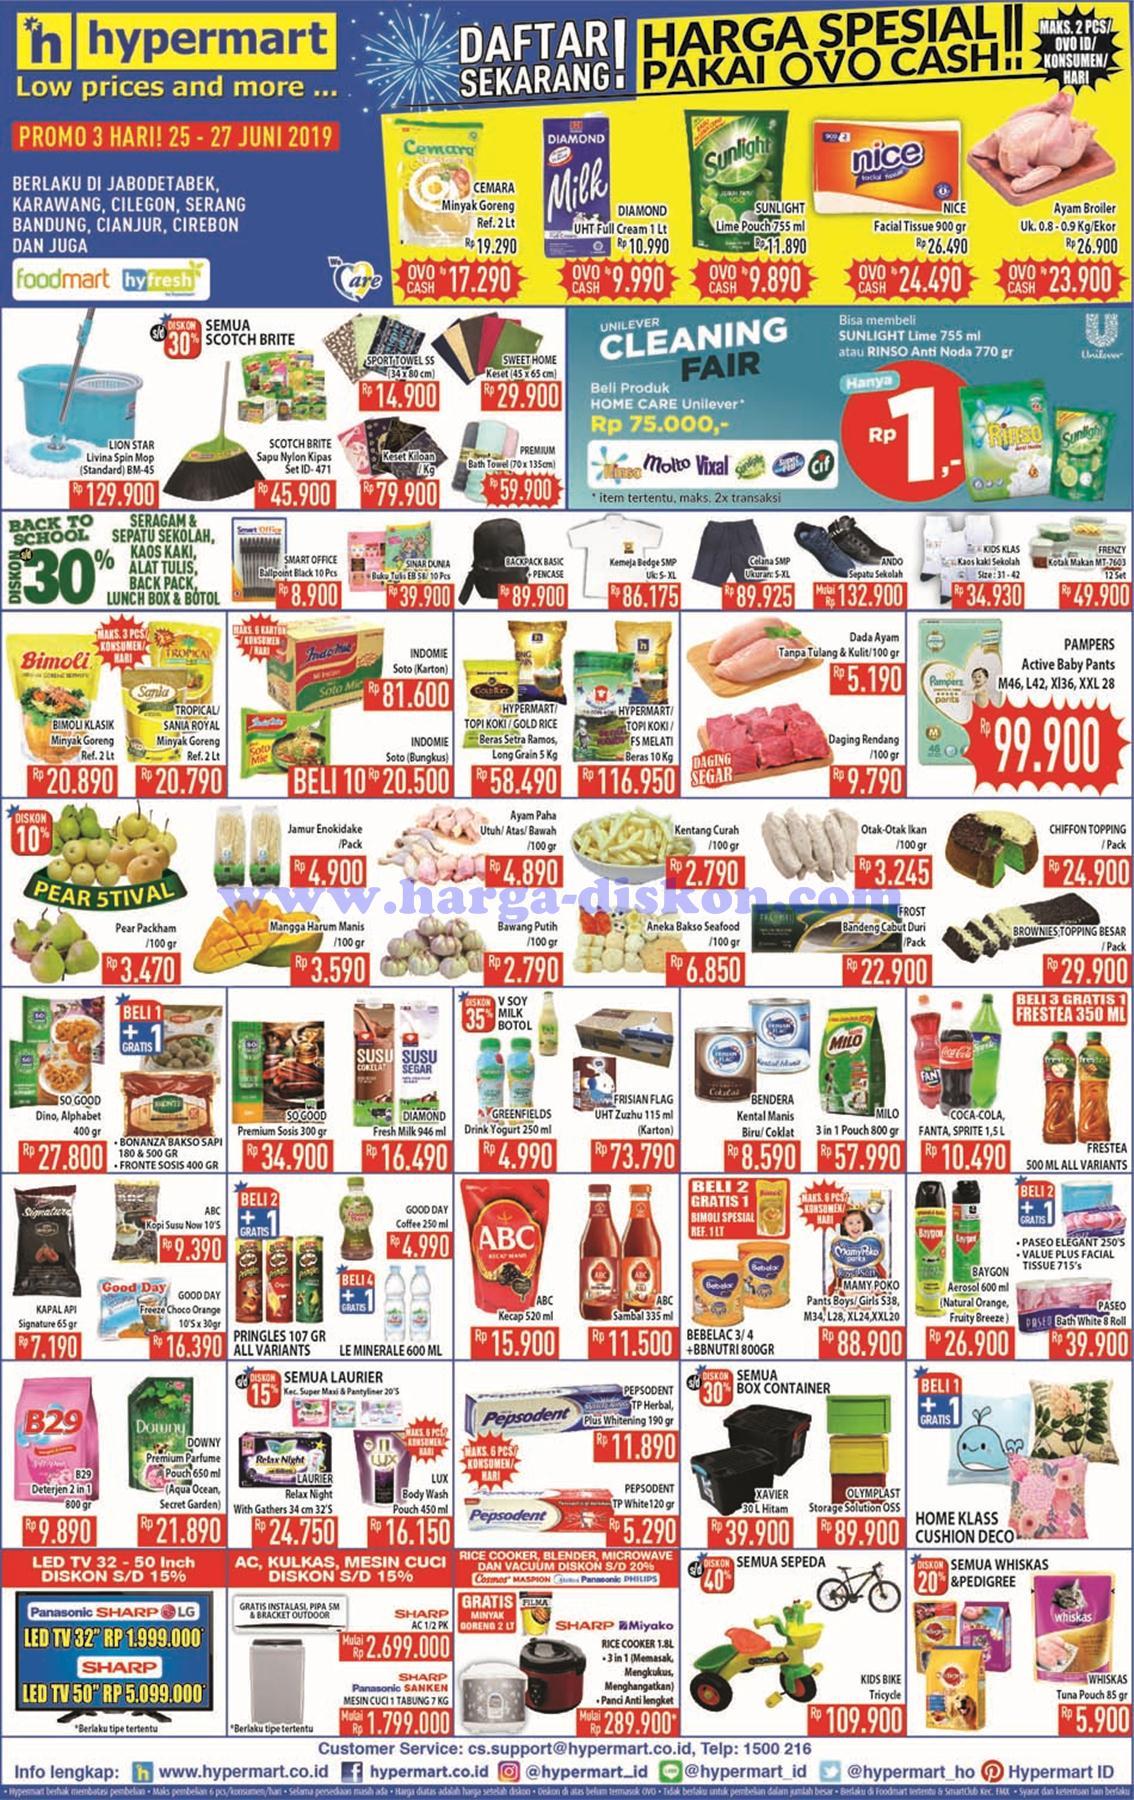 Promo Hypermart Awal Pekan 25 Juni 27 Juni 2019 Harga Diskon